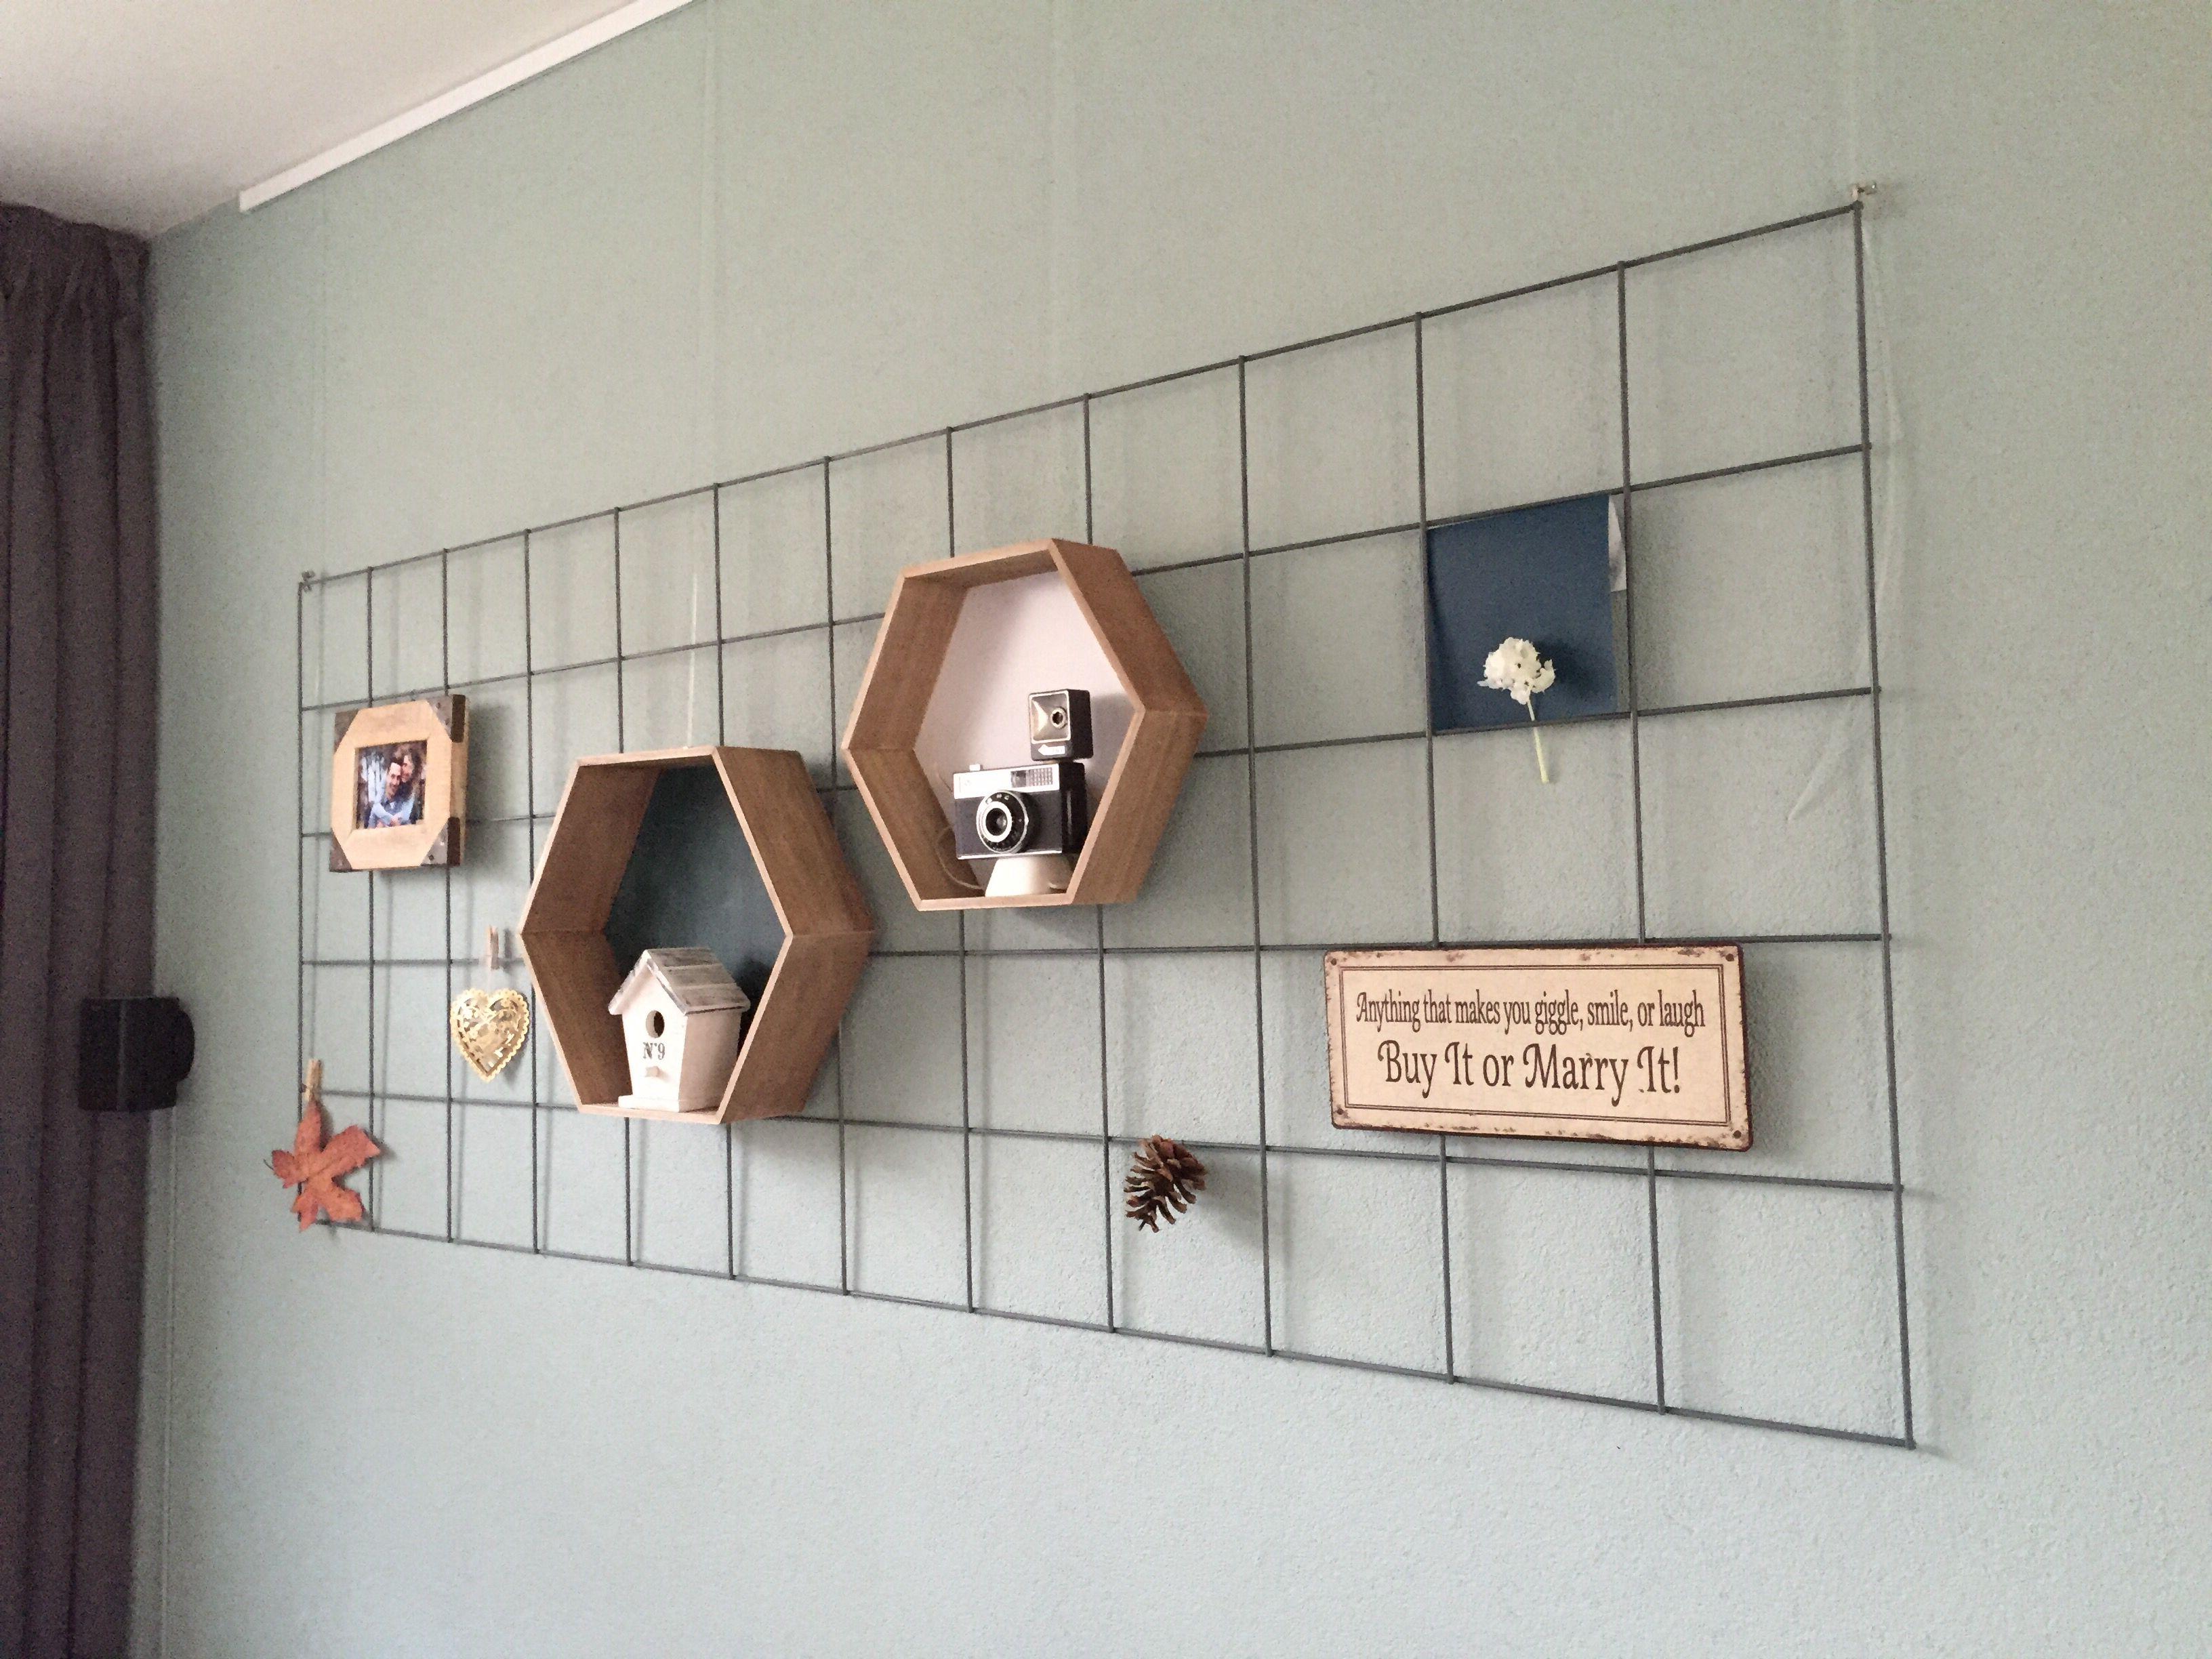 Decoratie Slaapkamer Muur : Dan als keukenpaneel تناسق الالوان والديكورات muur